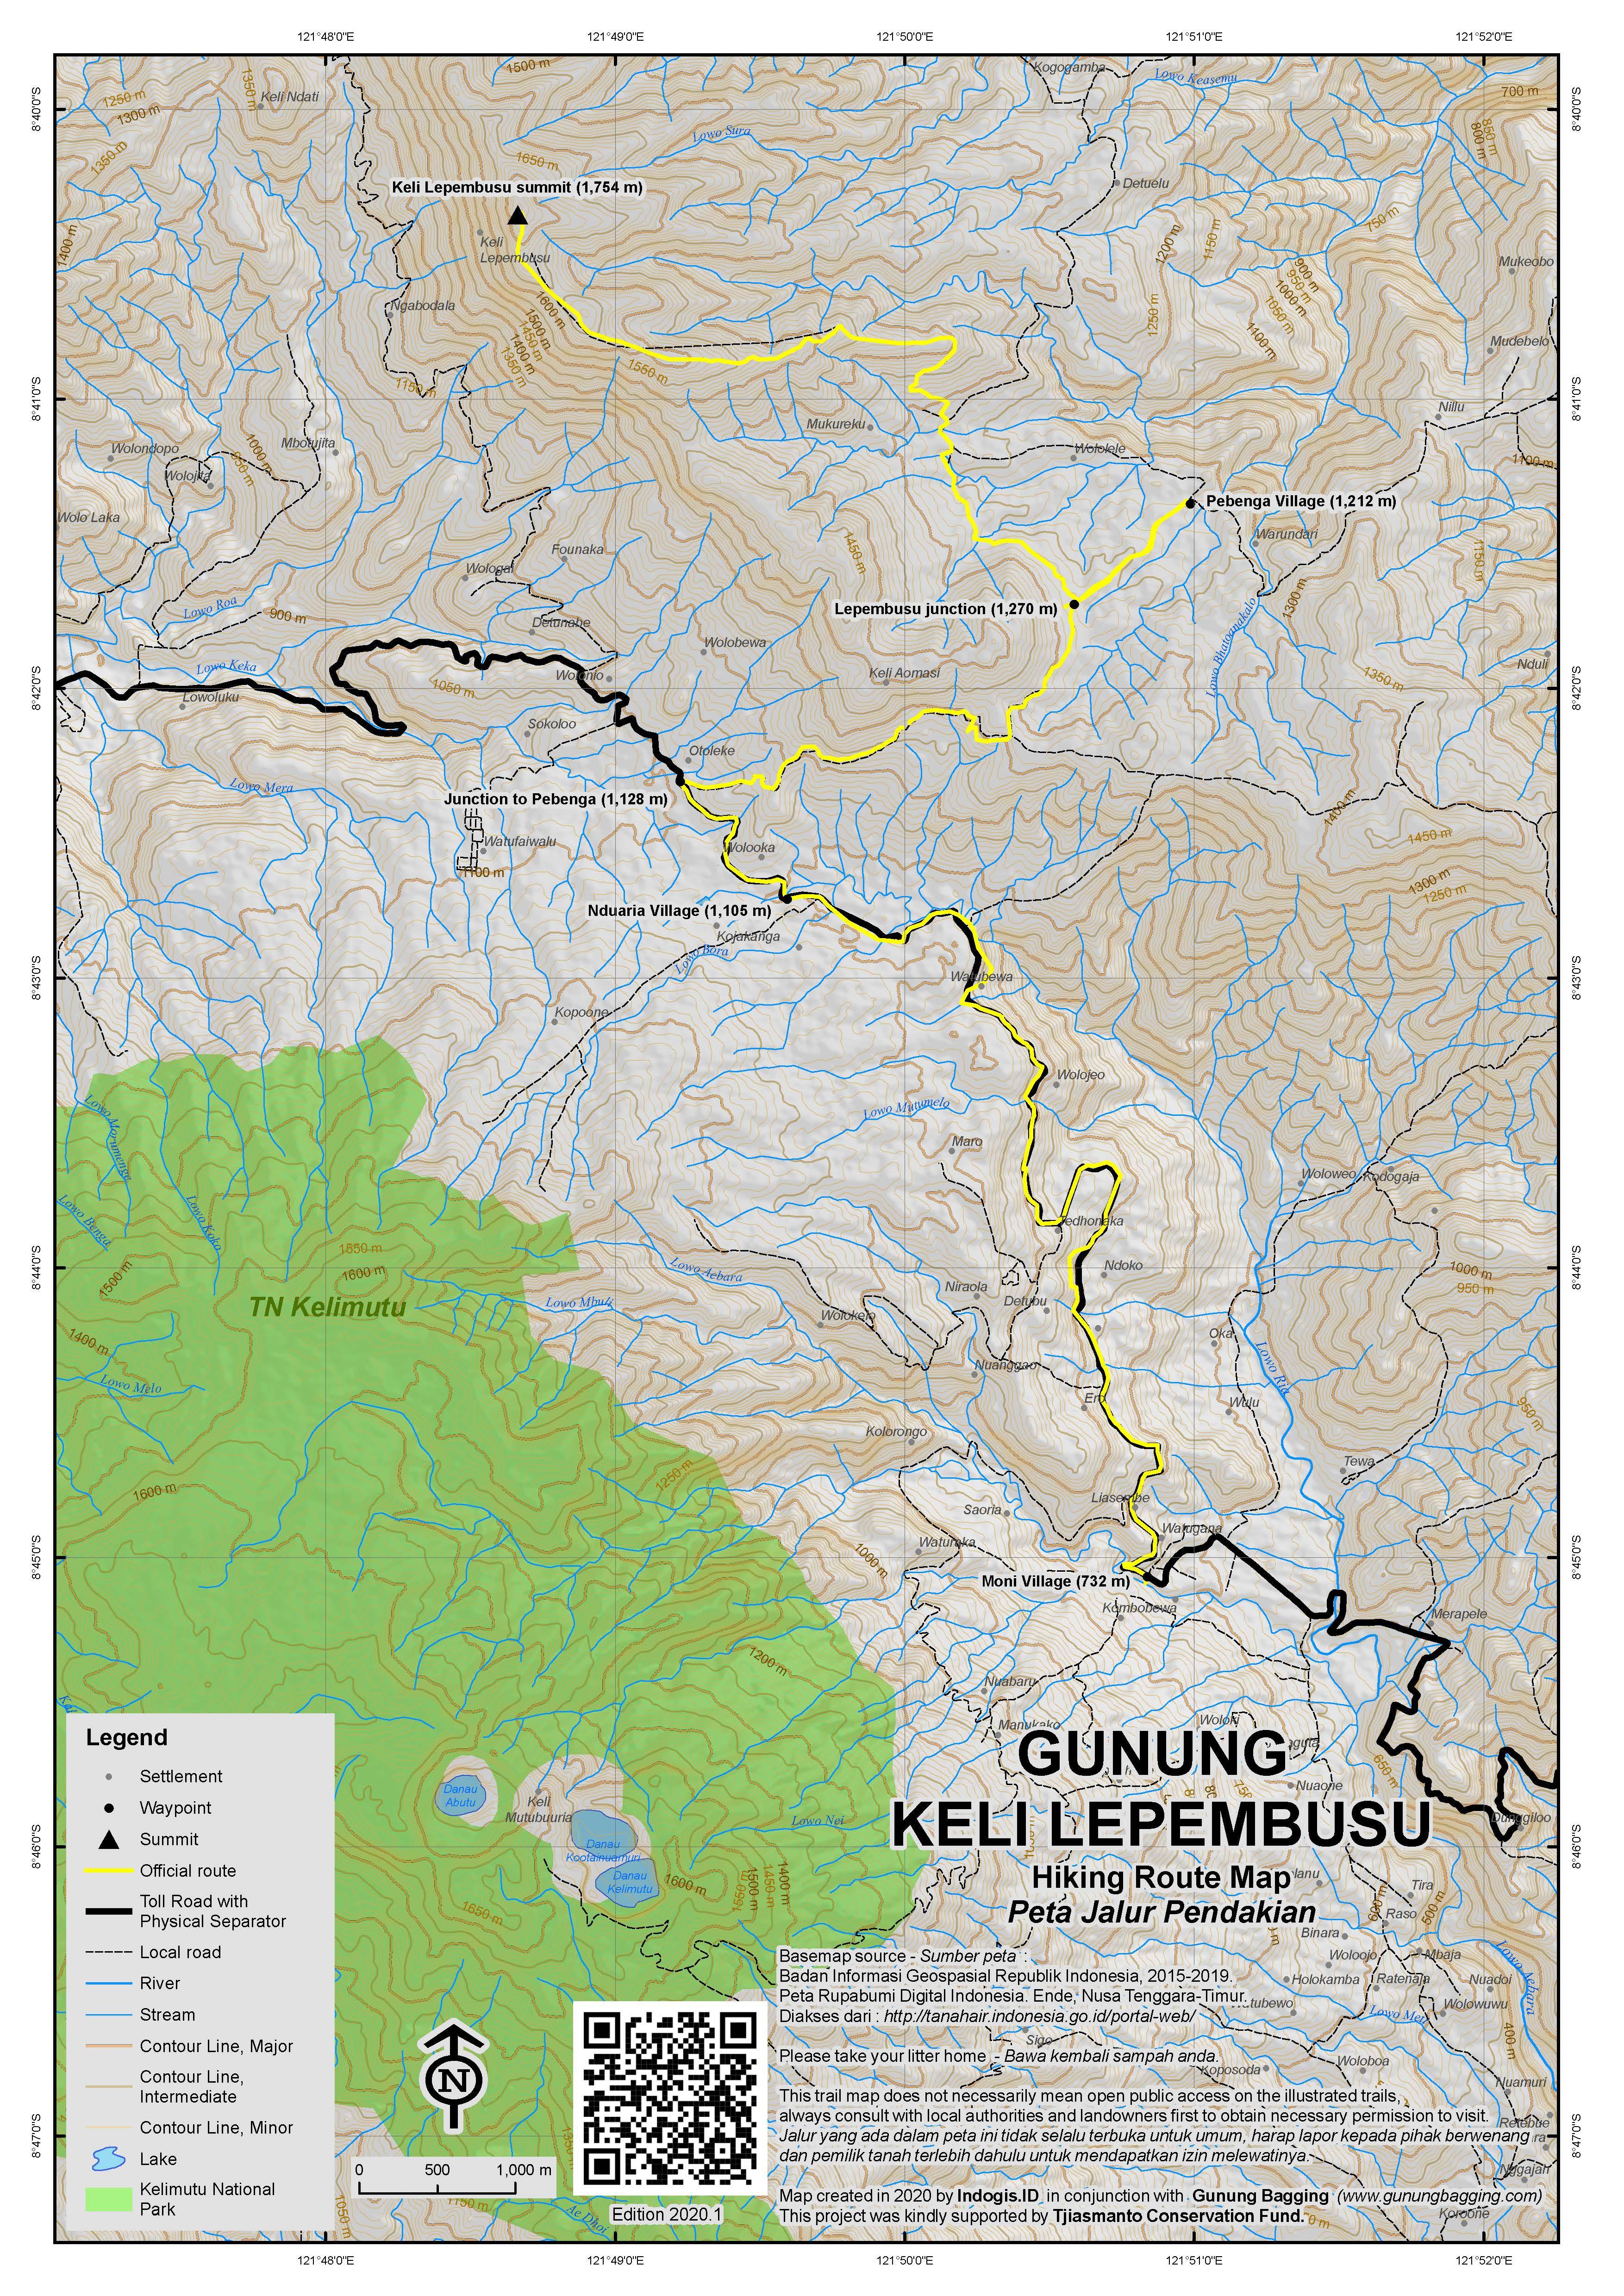 Peta Jalur Pendakian Keli Lepembusu